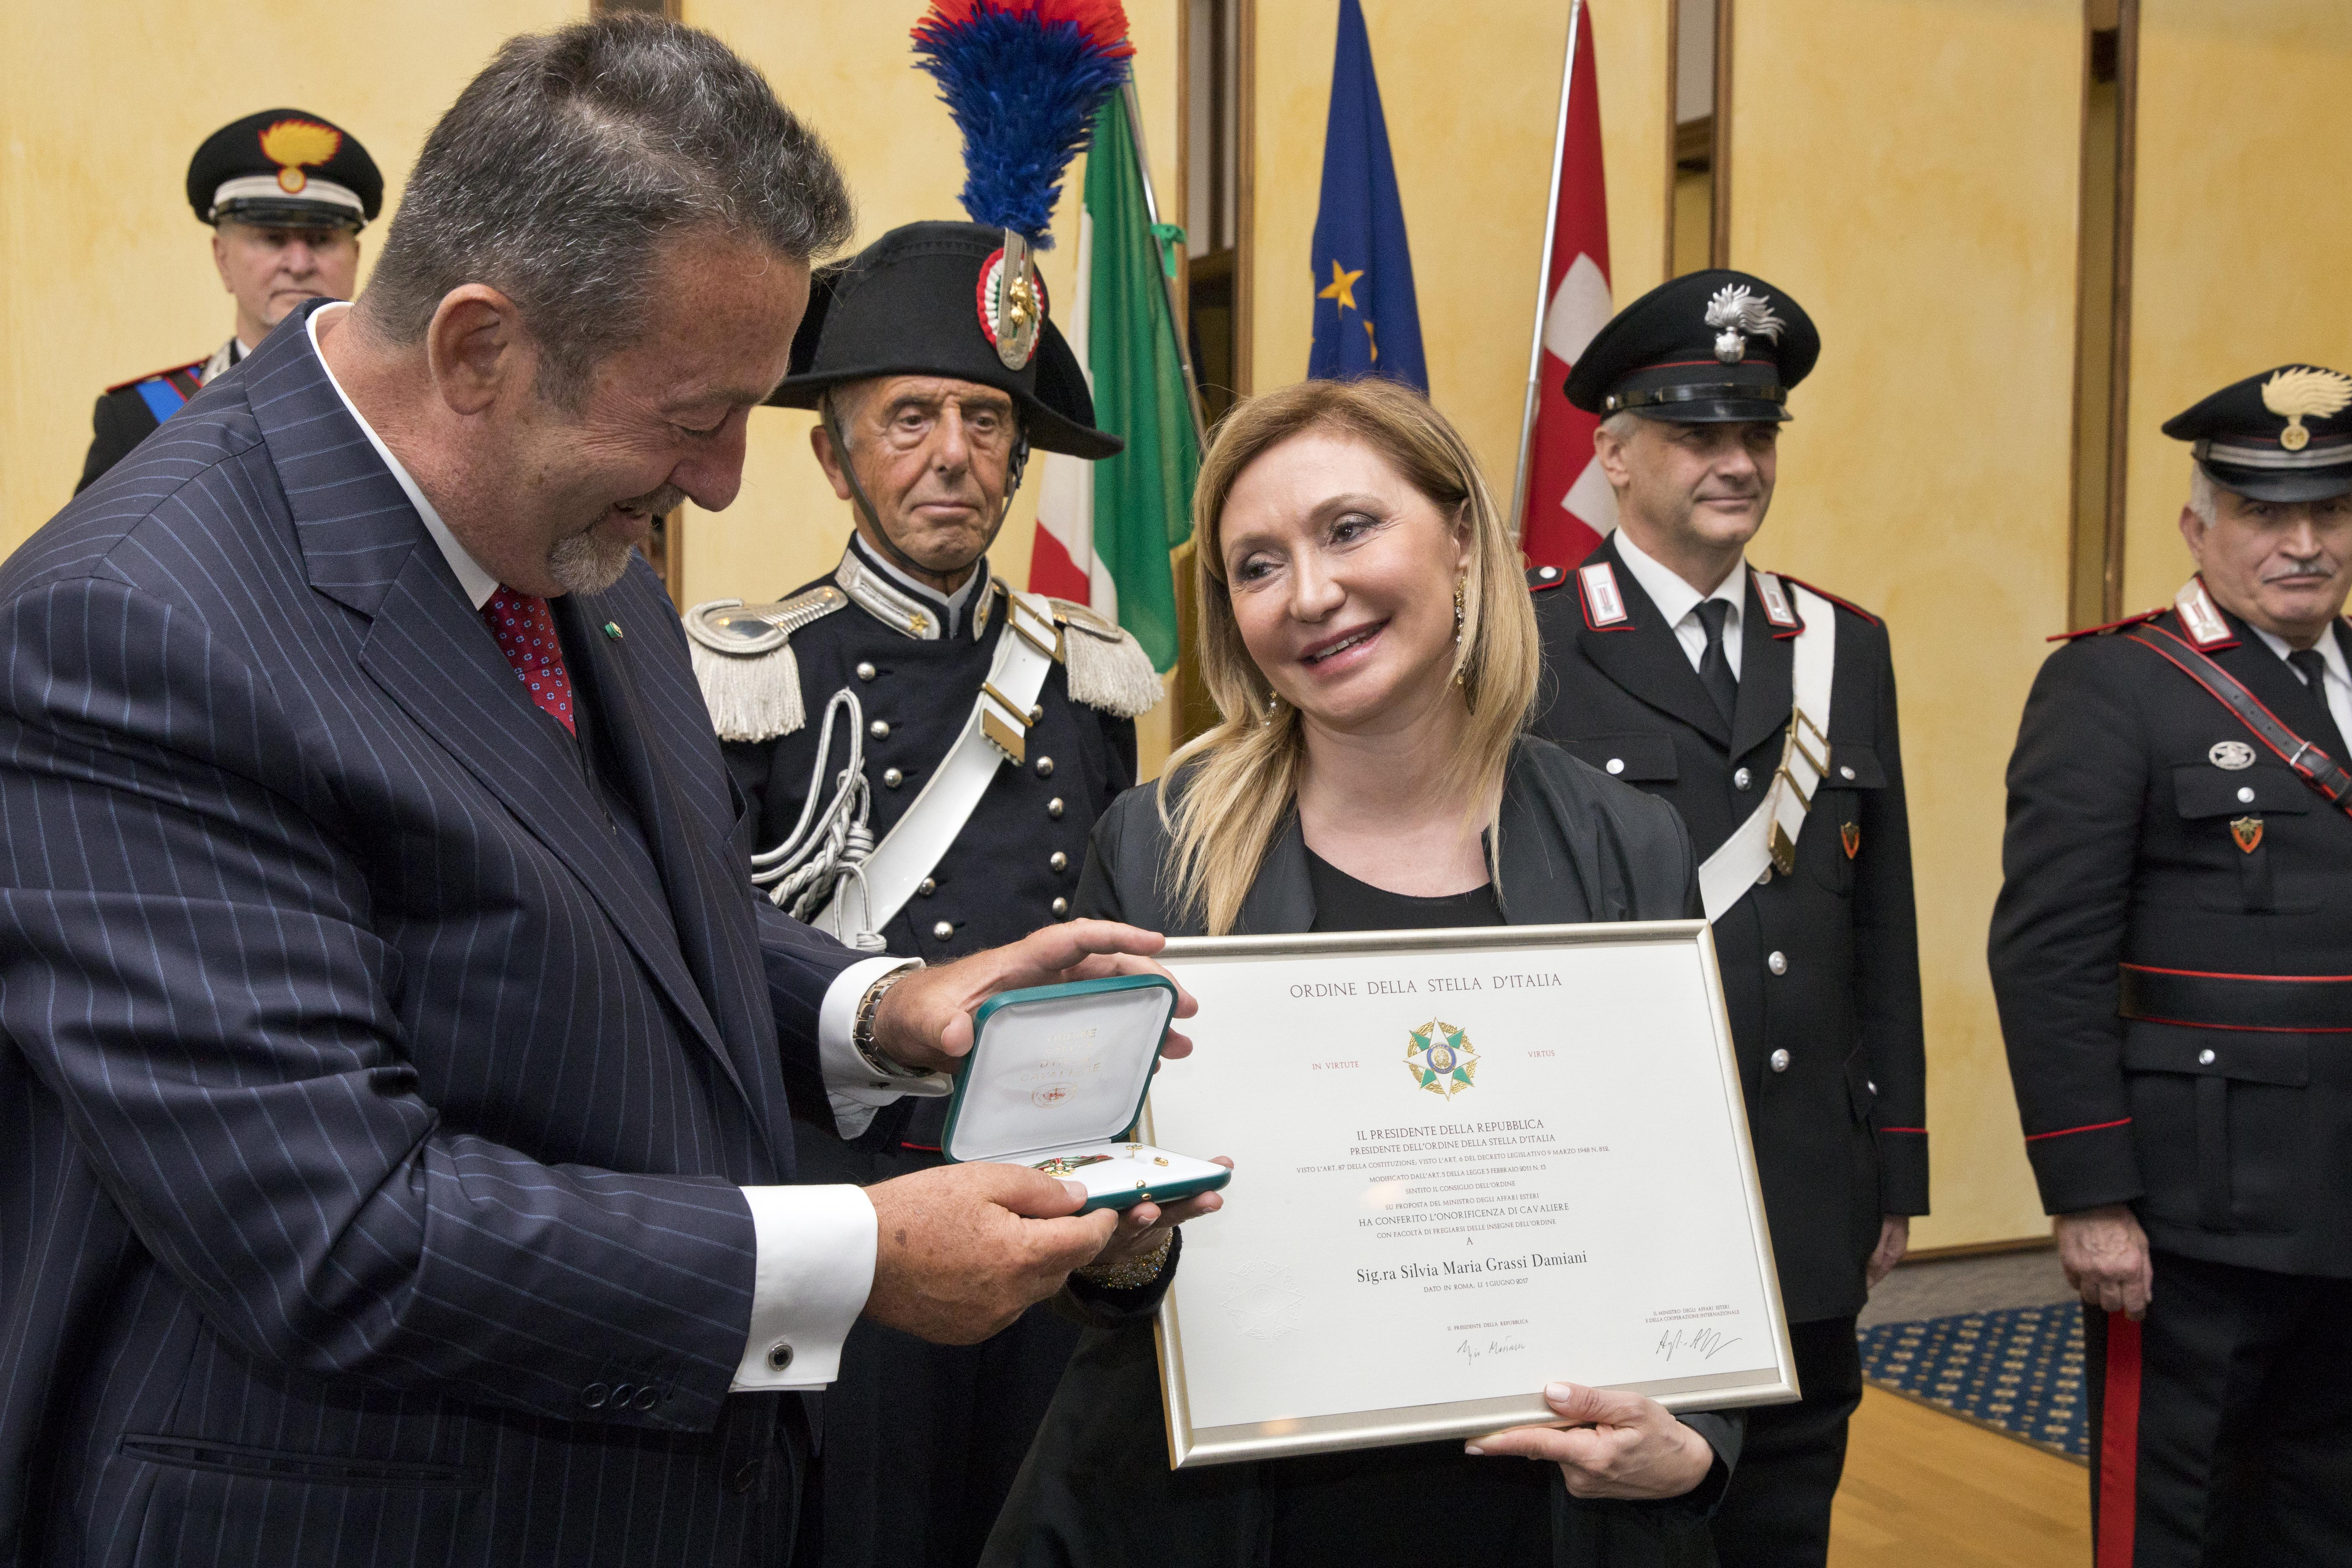 Silvia Damiani riceve l'onorificenza Stella d'Italia dal Console Generale d'Italia Marcello Fondi